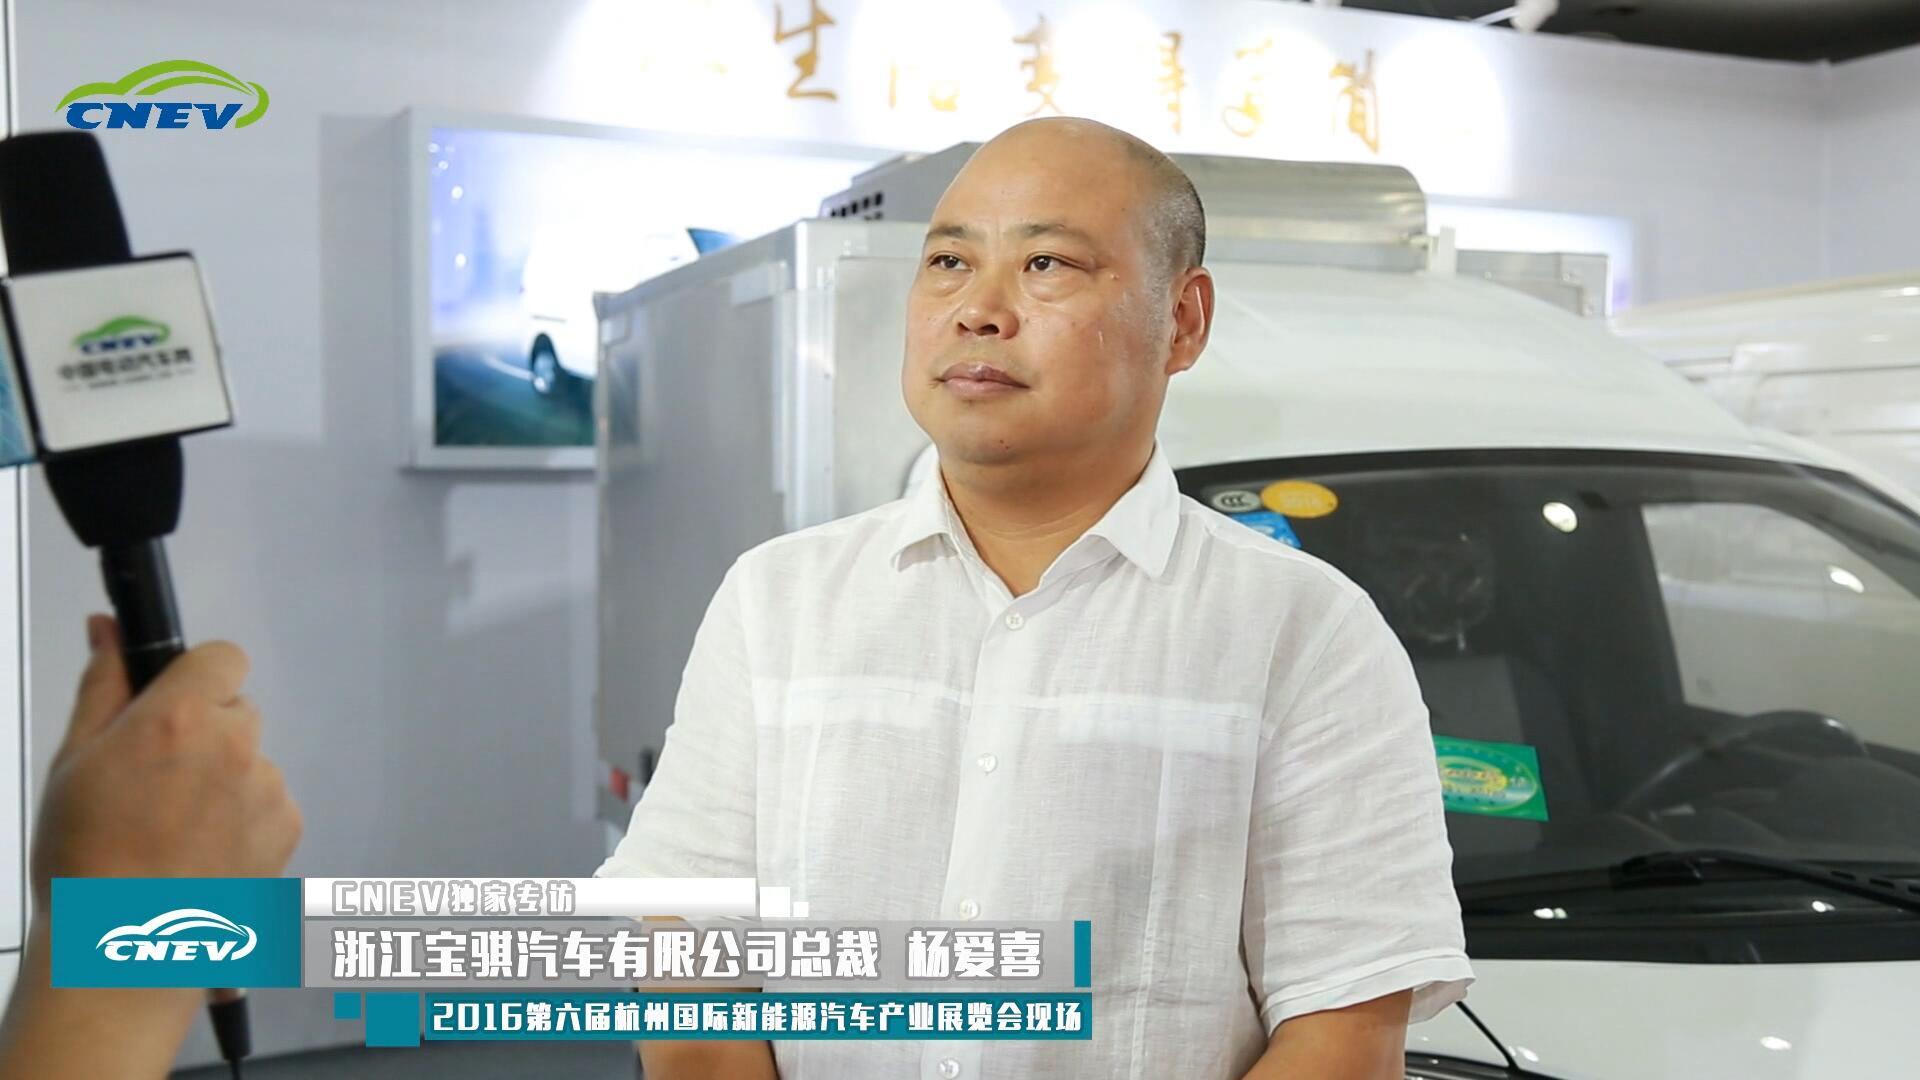 浙江宝骐汽车总裁杨爱喜:互联网智能物流车填补配送痛点